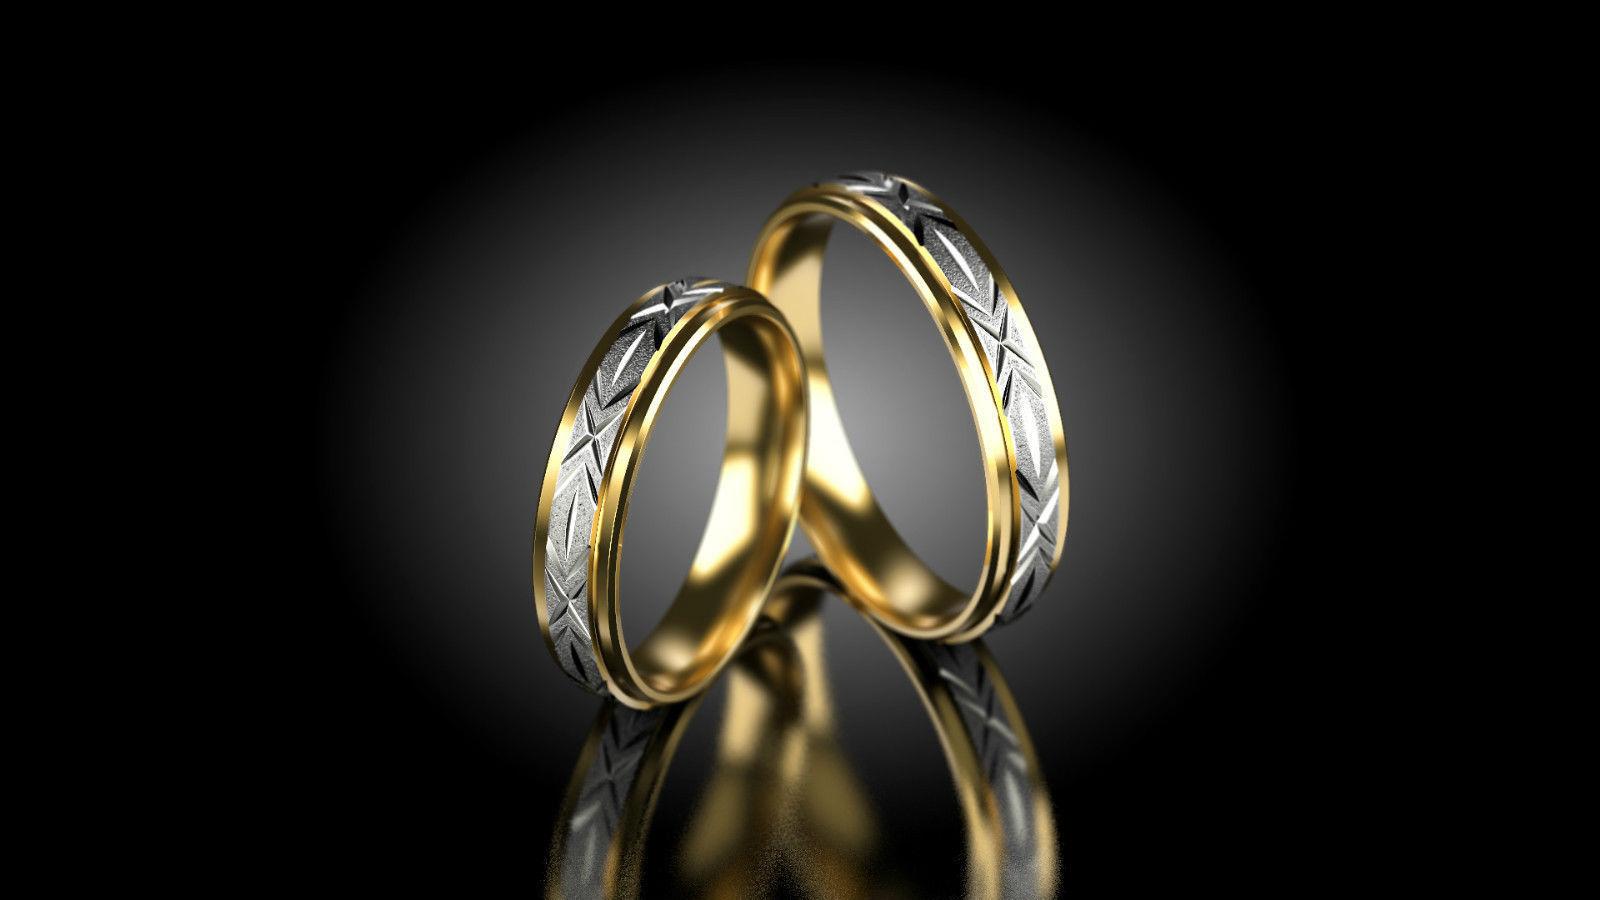 1 Paar Trauringe Gold 585 mit Zirkonia 4mm Weißgold B Bicolor Gelbgold